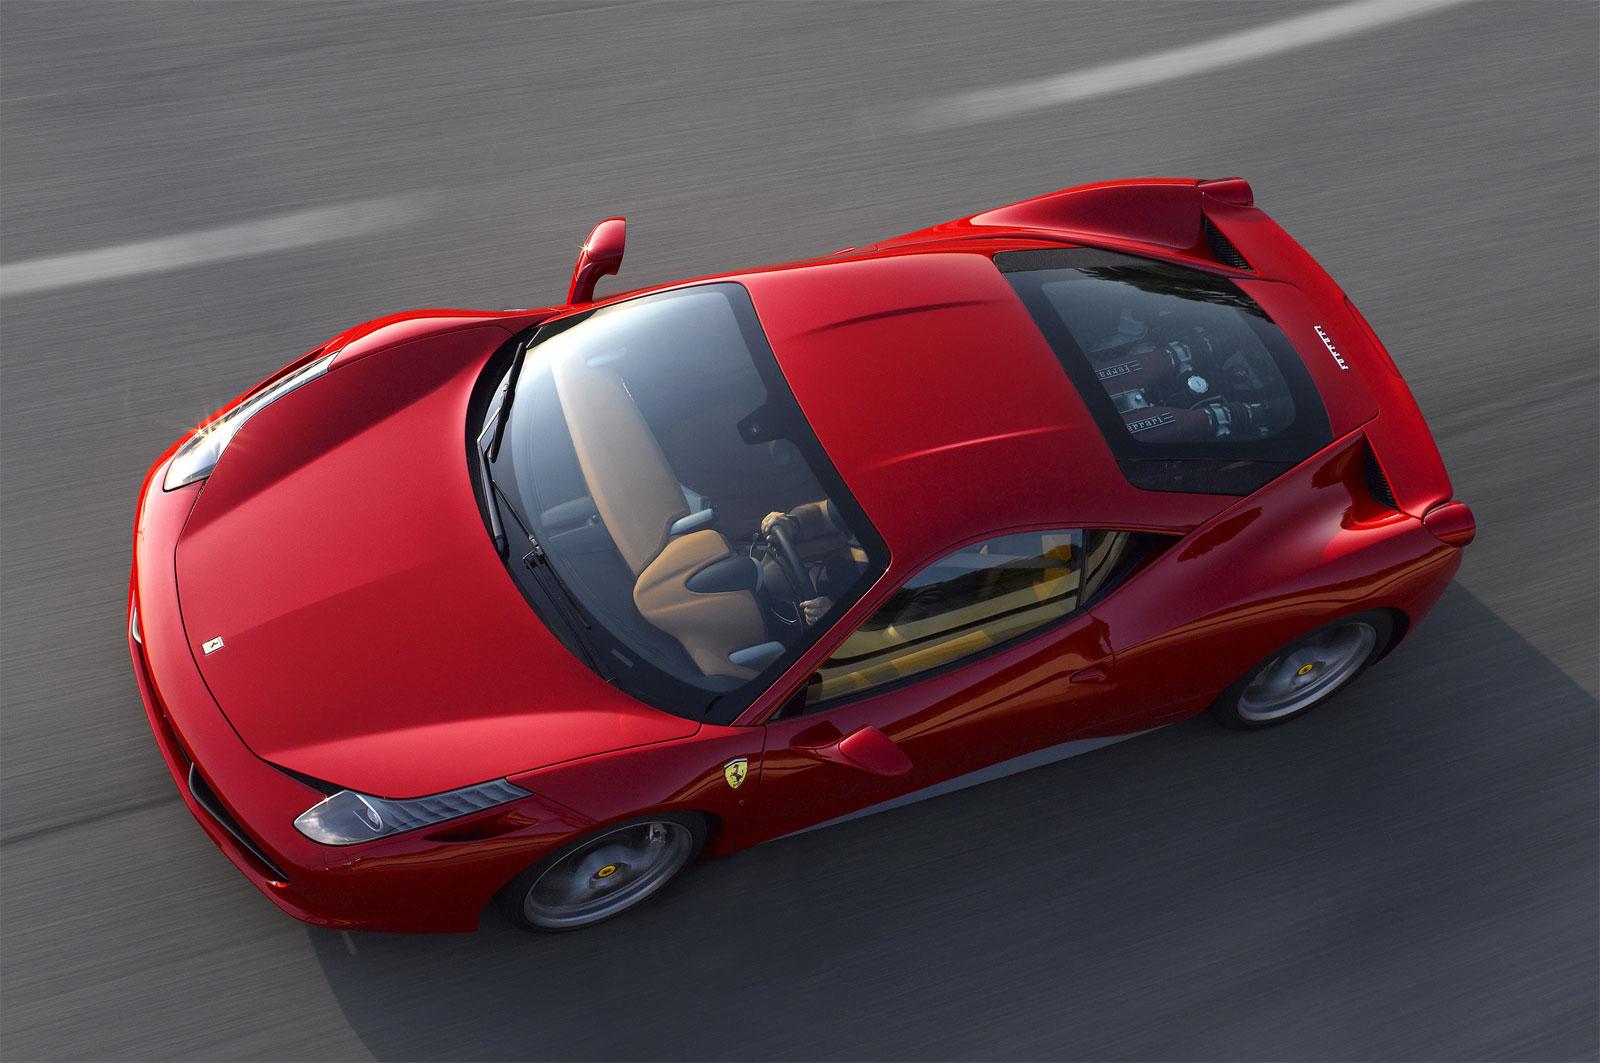 http://4.bp.blogspot.com/-WVcl7SWRzqs/T-CKY77R-bI/AAAAAAAADe8/3EiGaivQhl4/s1600/Ferrari+458+Italia+hd+Wallpapers+2011_1.jpg